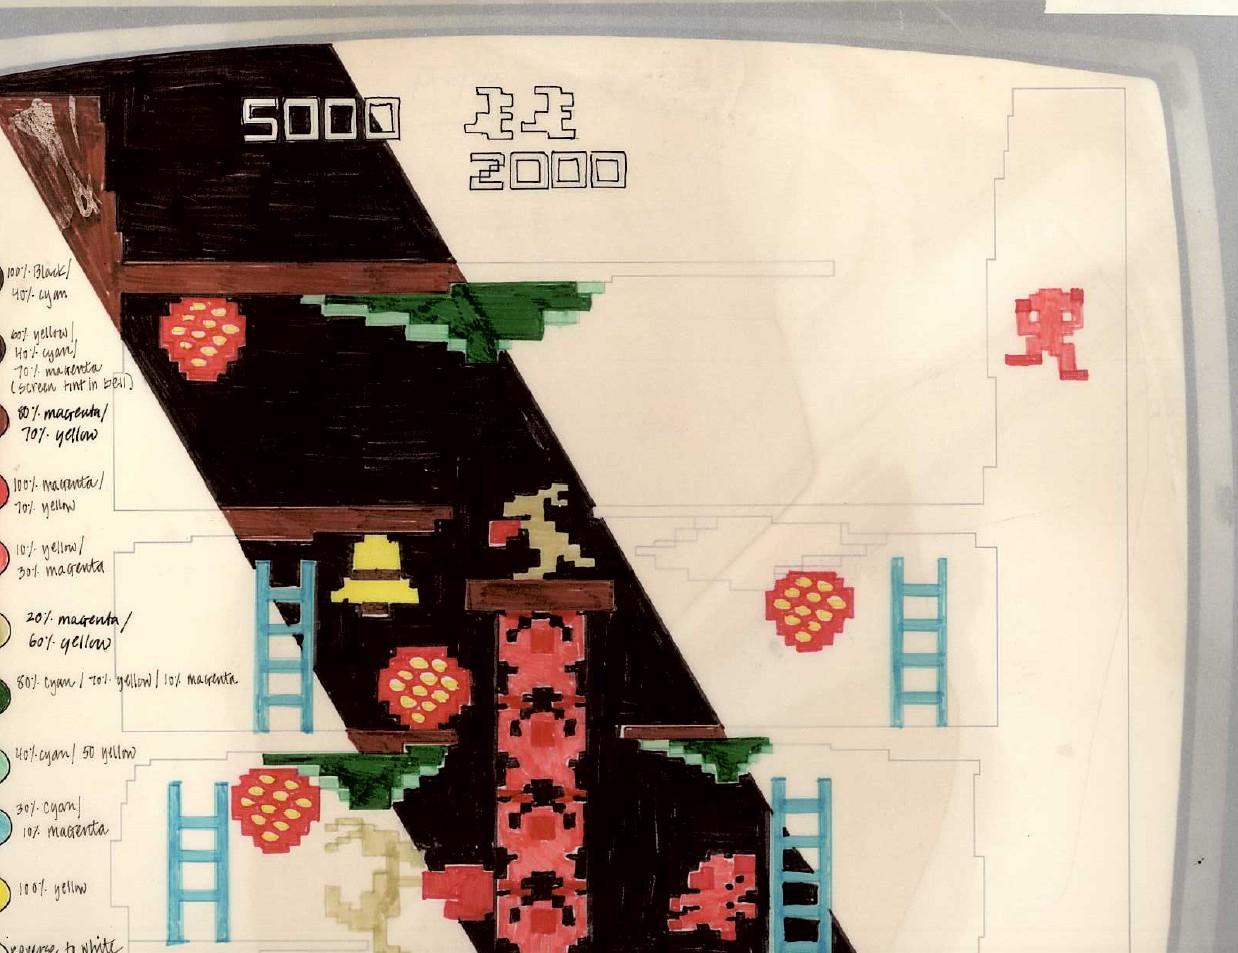 Куда уходят игры: проблема сохранения старых видеоигр. Часть 1 - 2